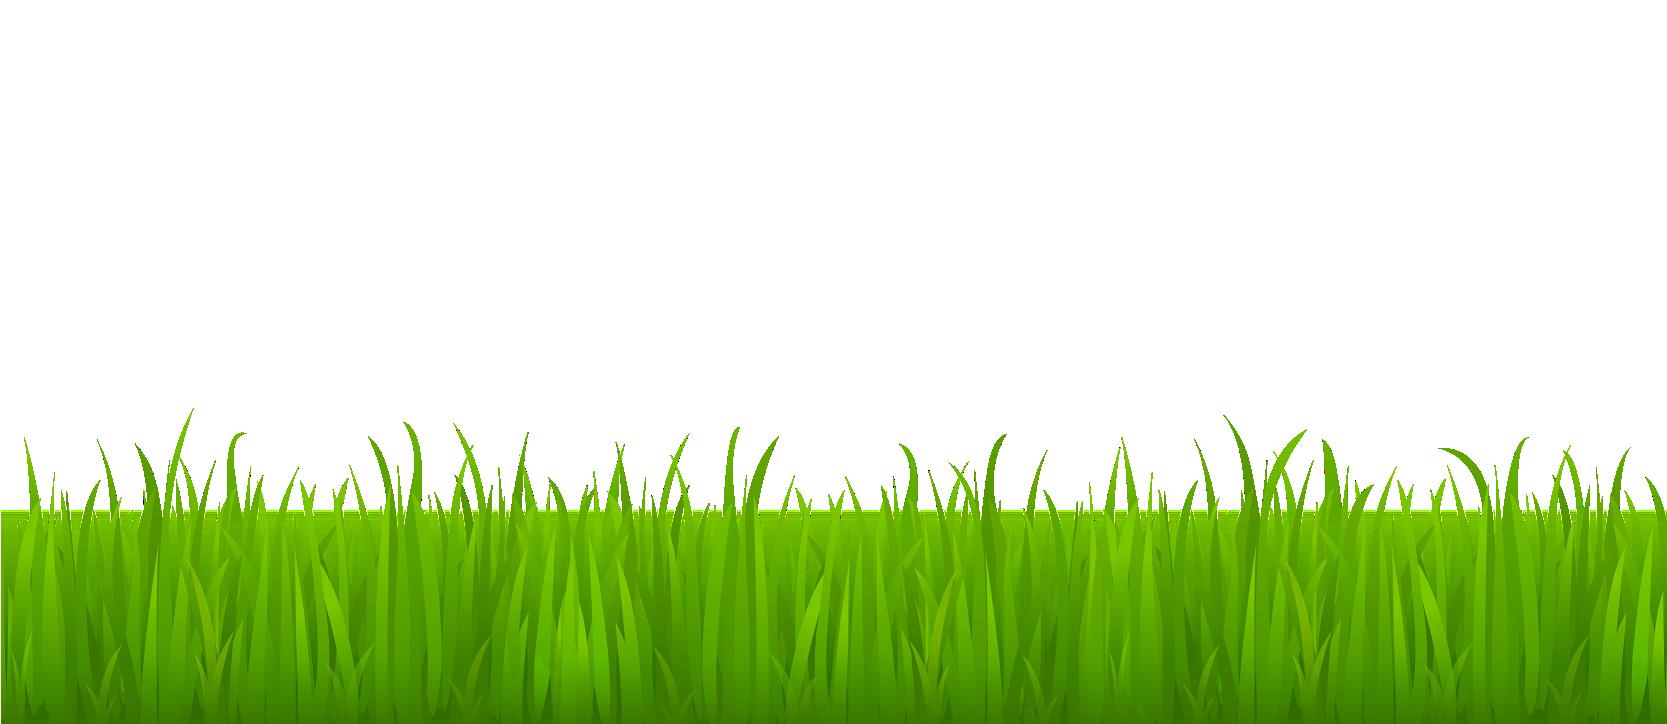 Imagenes Png Buscar Con Google Grass Clipart Grass Vector Spring Grass